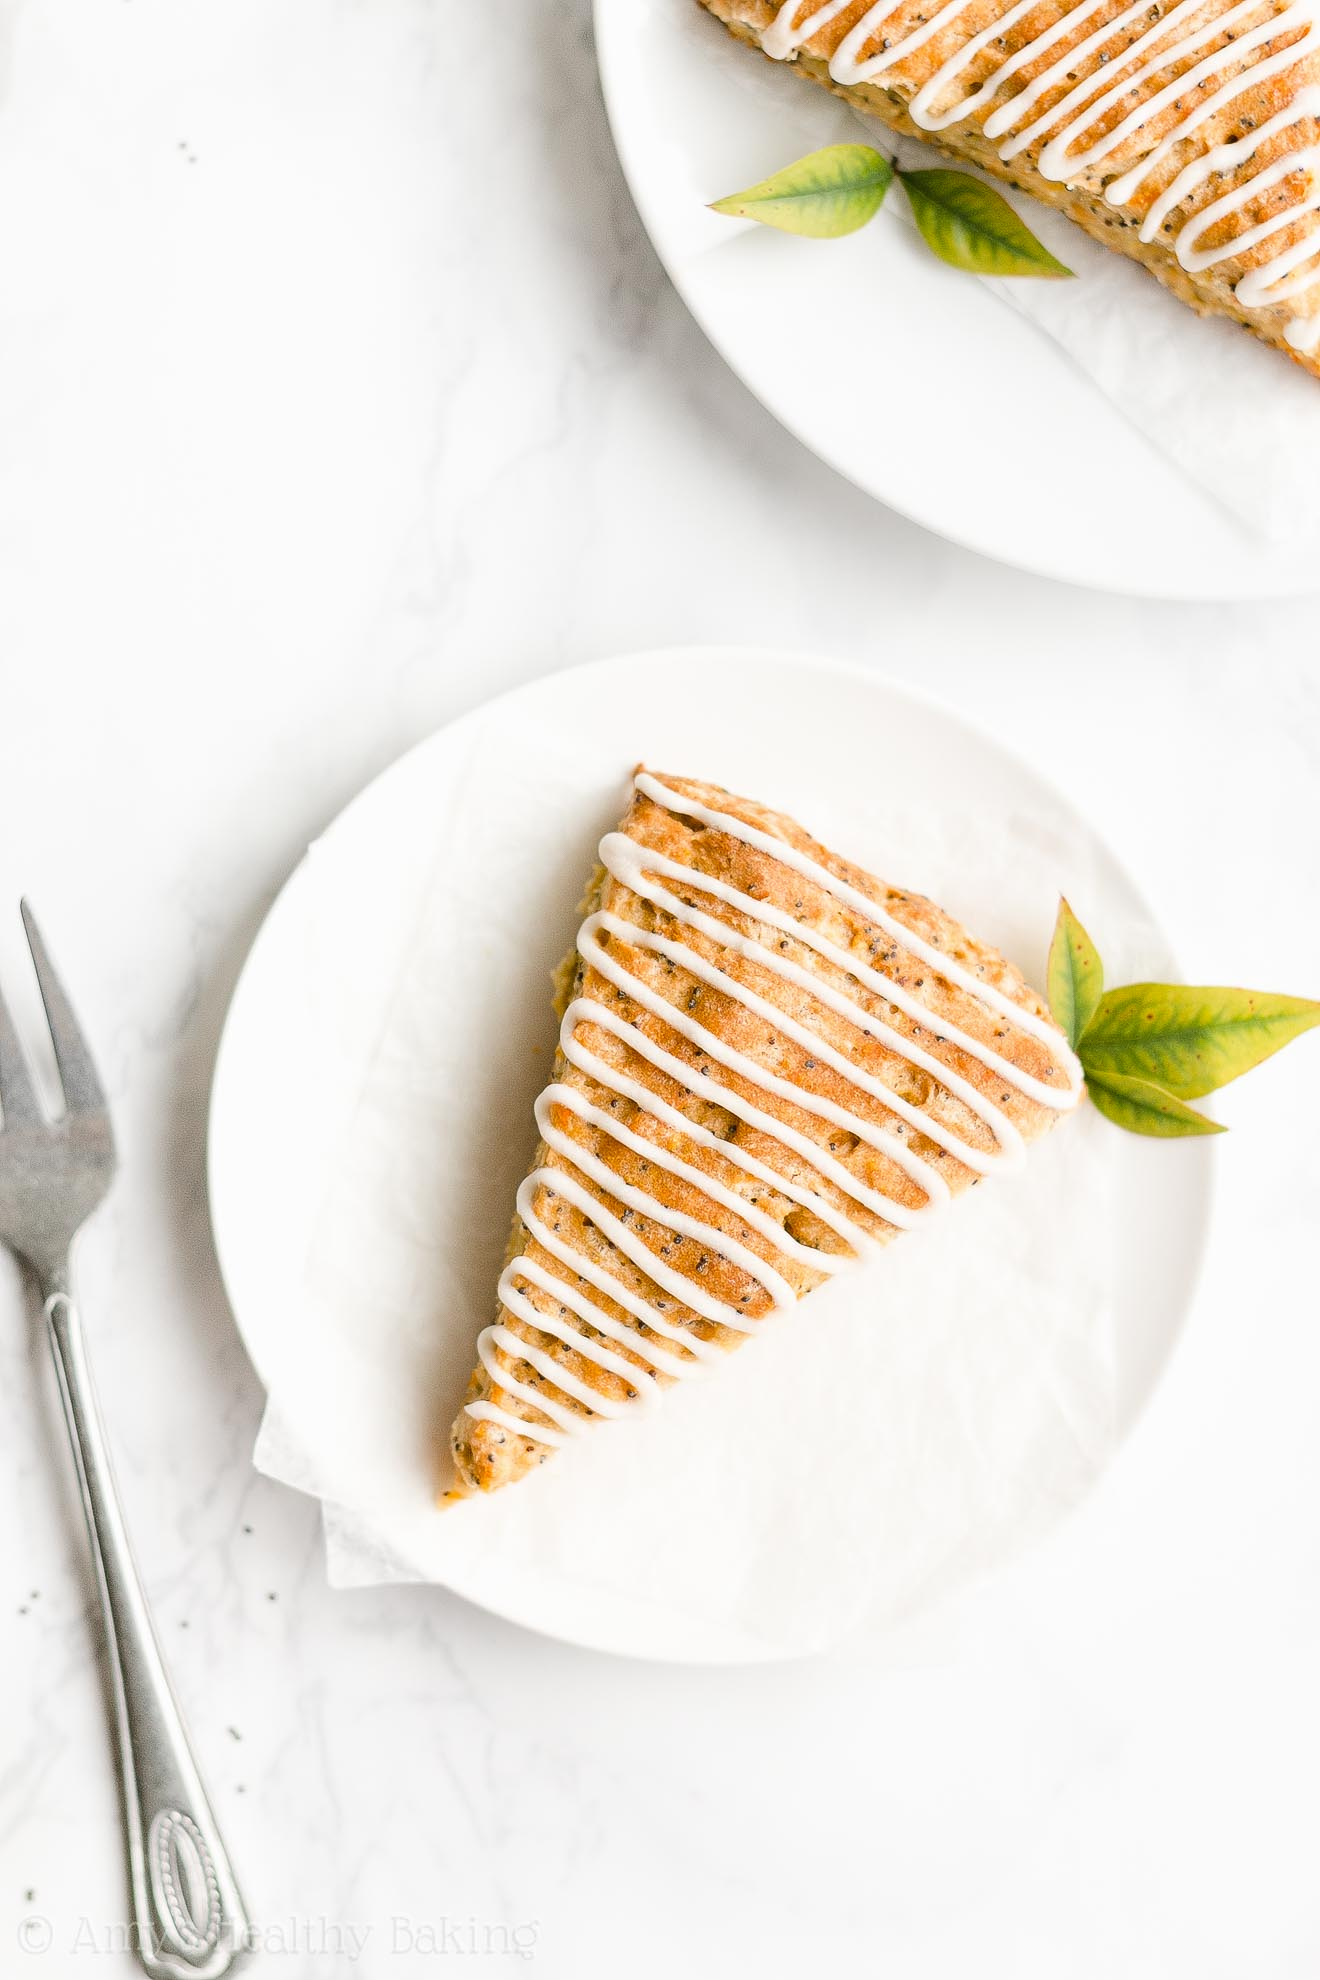 Easy Healthy Clean Eating Low Fat Greek Yogurt Orange Poppy Seed Scones